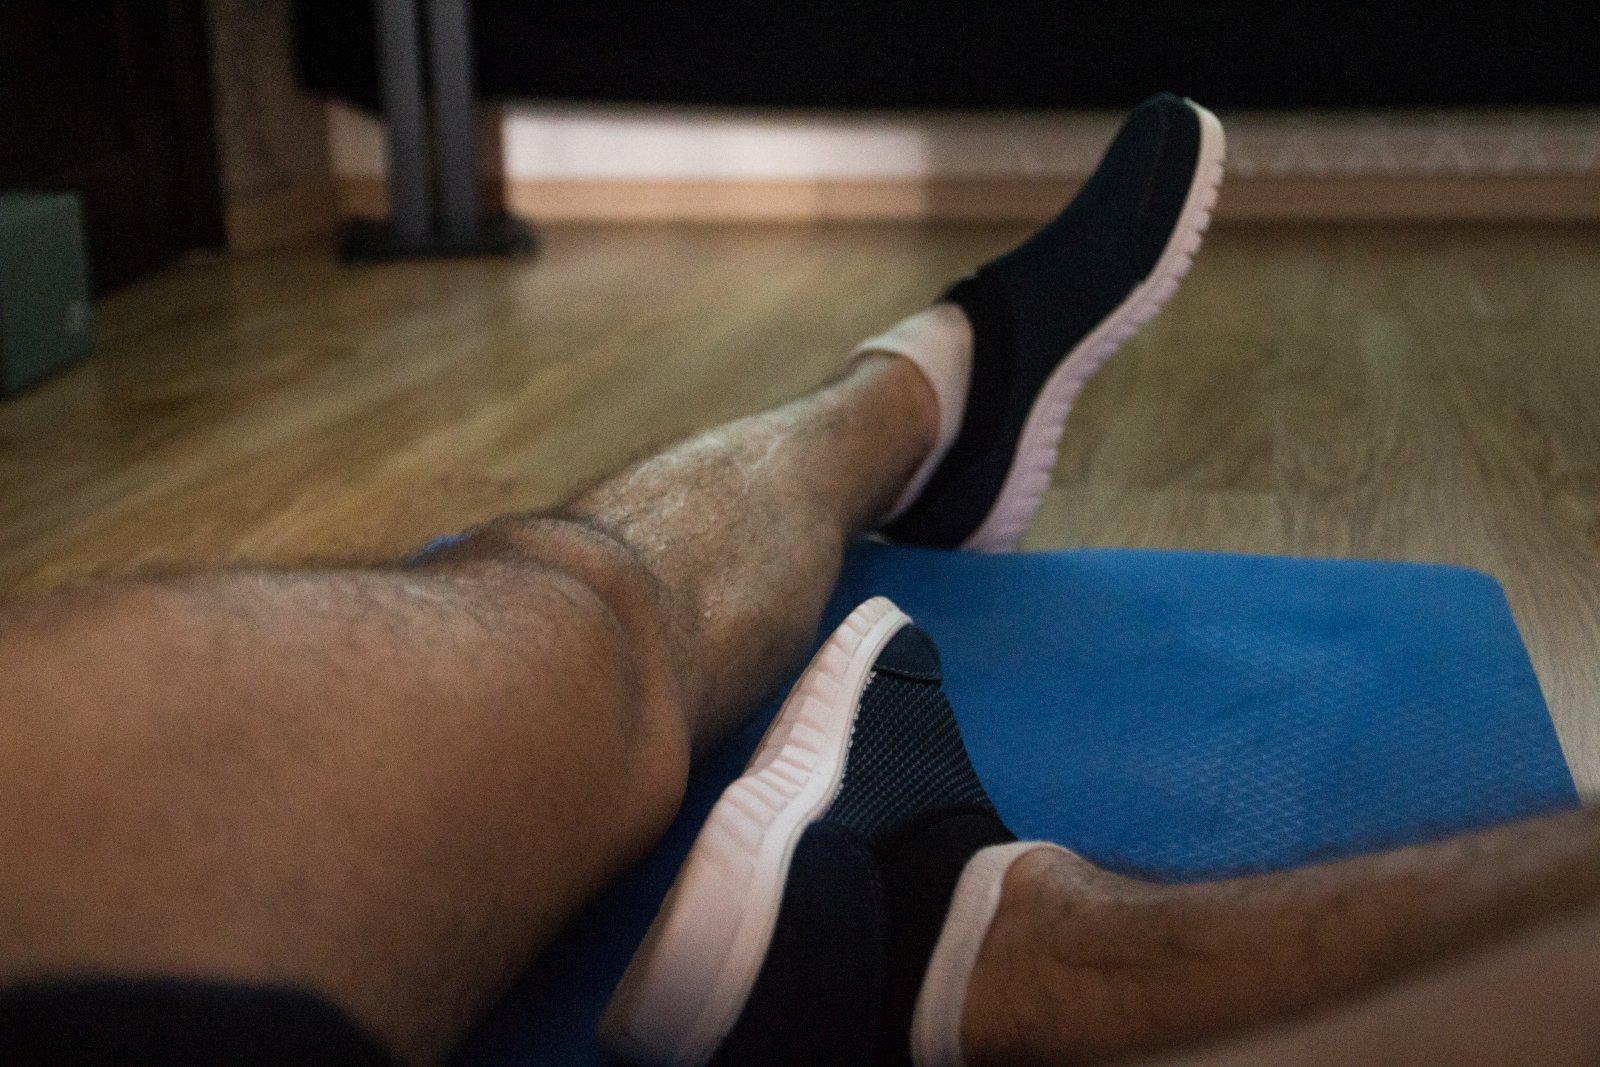 cgicofee-legs-reveal